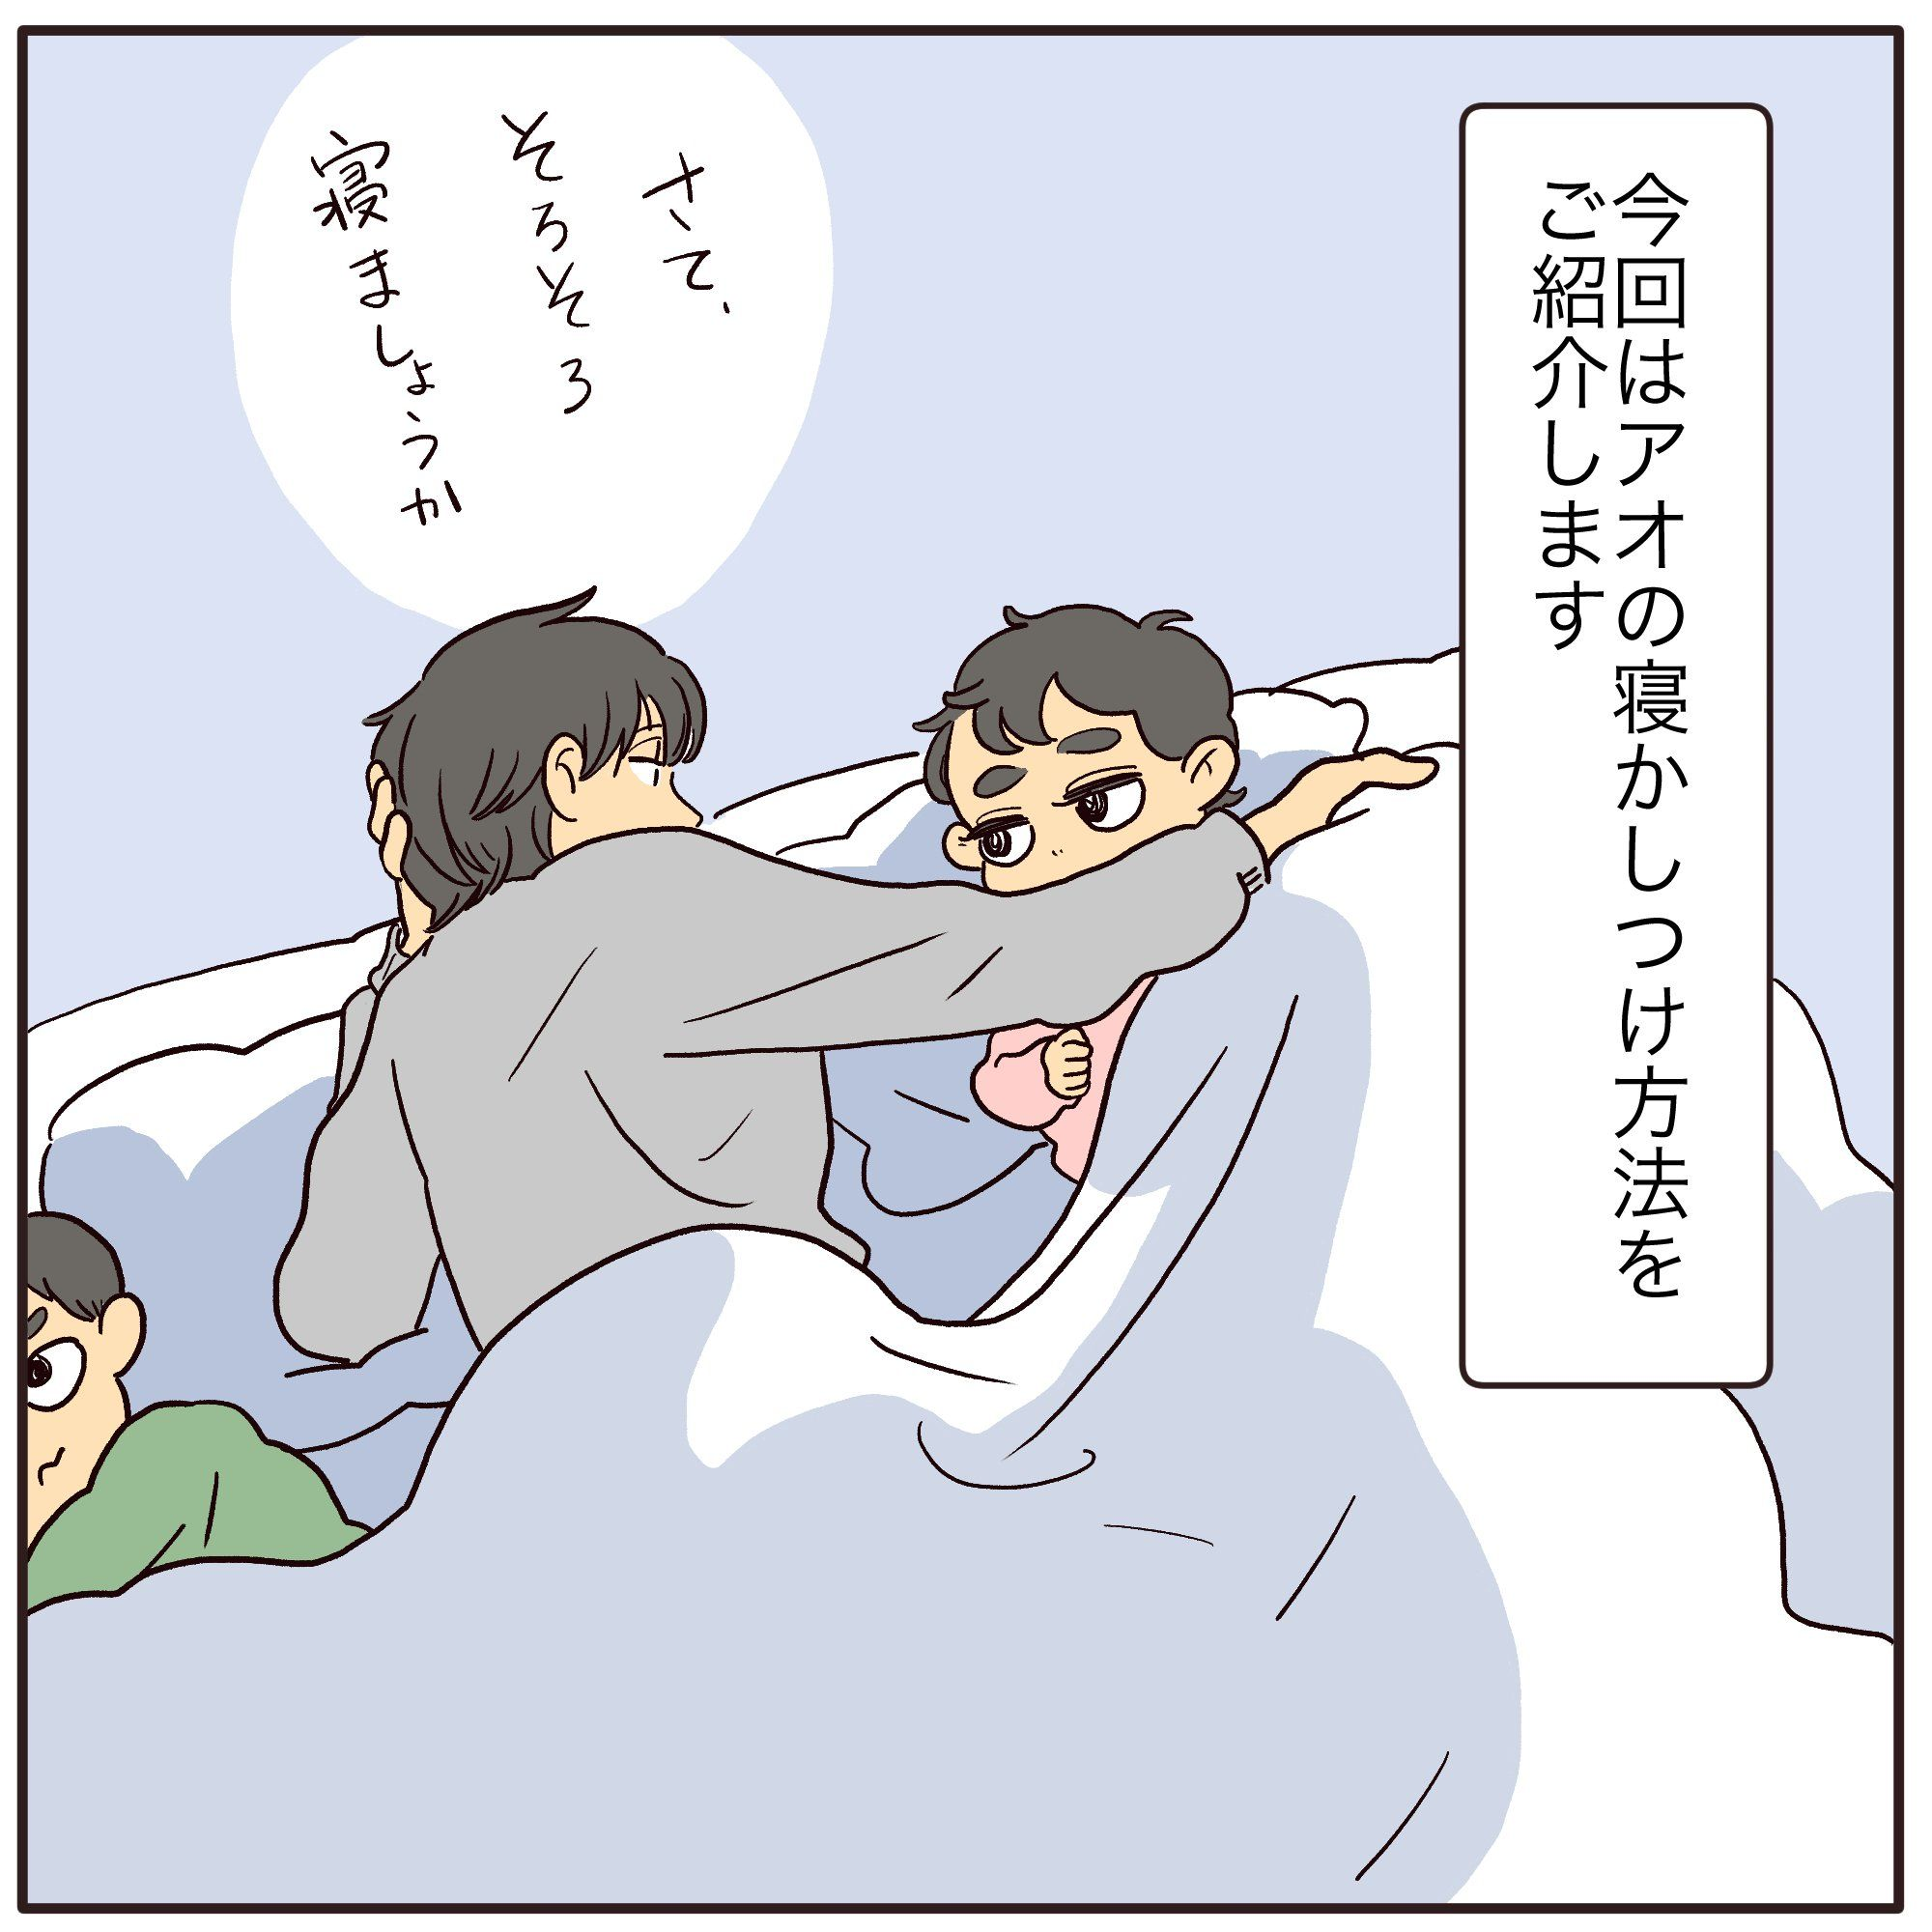 お話 寝かしつけ